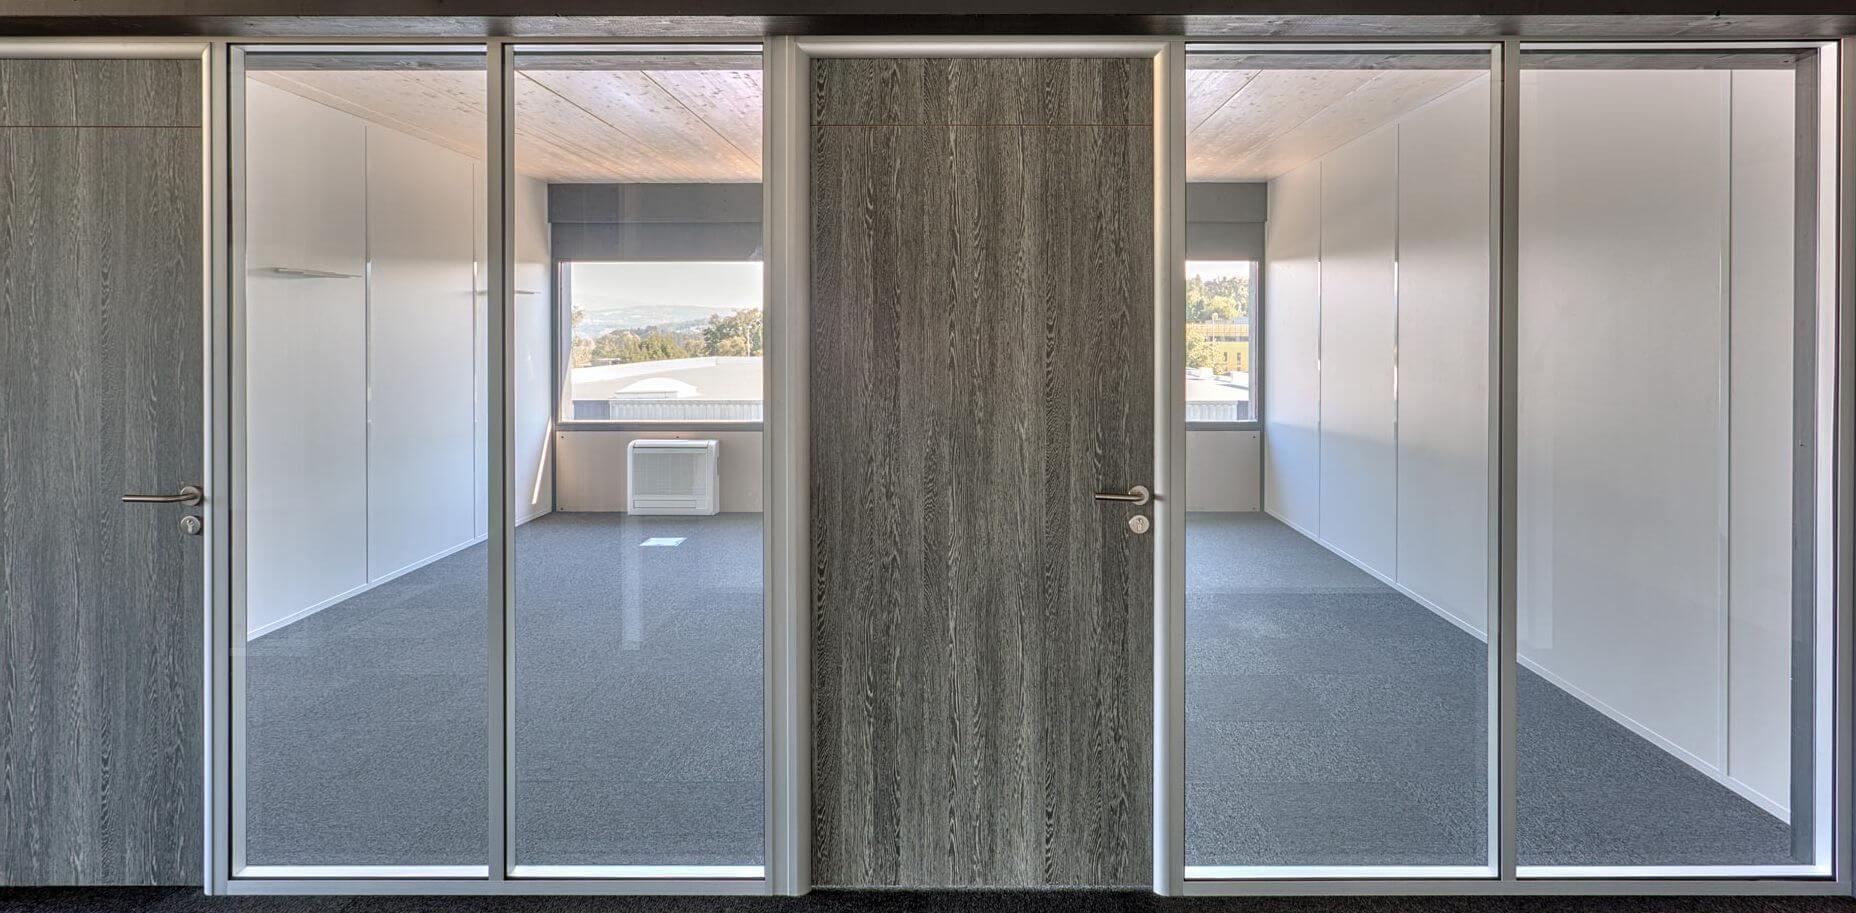 Porte bois et cloison vitrée double vitrage avec couvre-joints